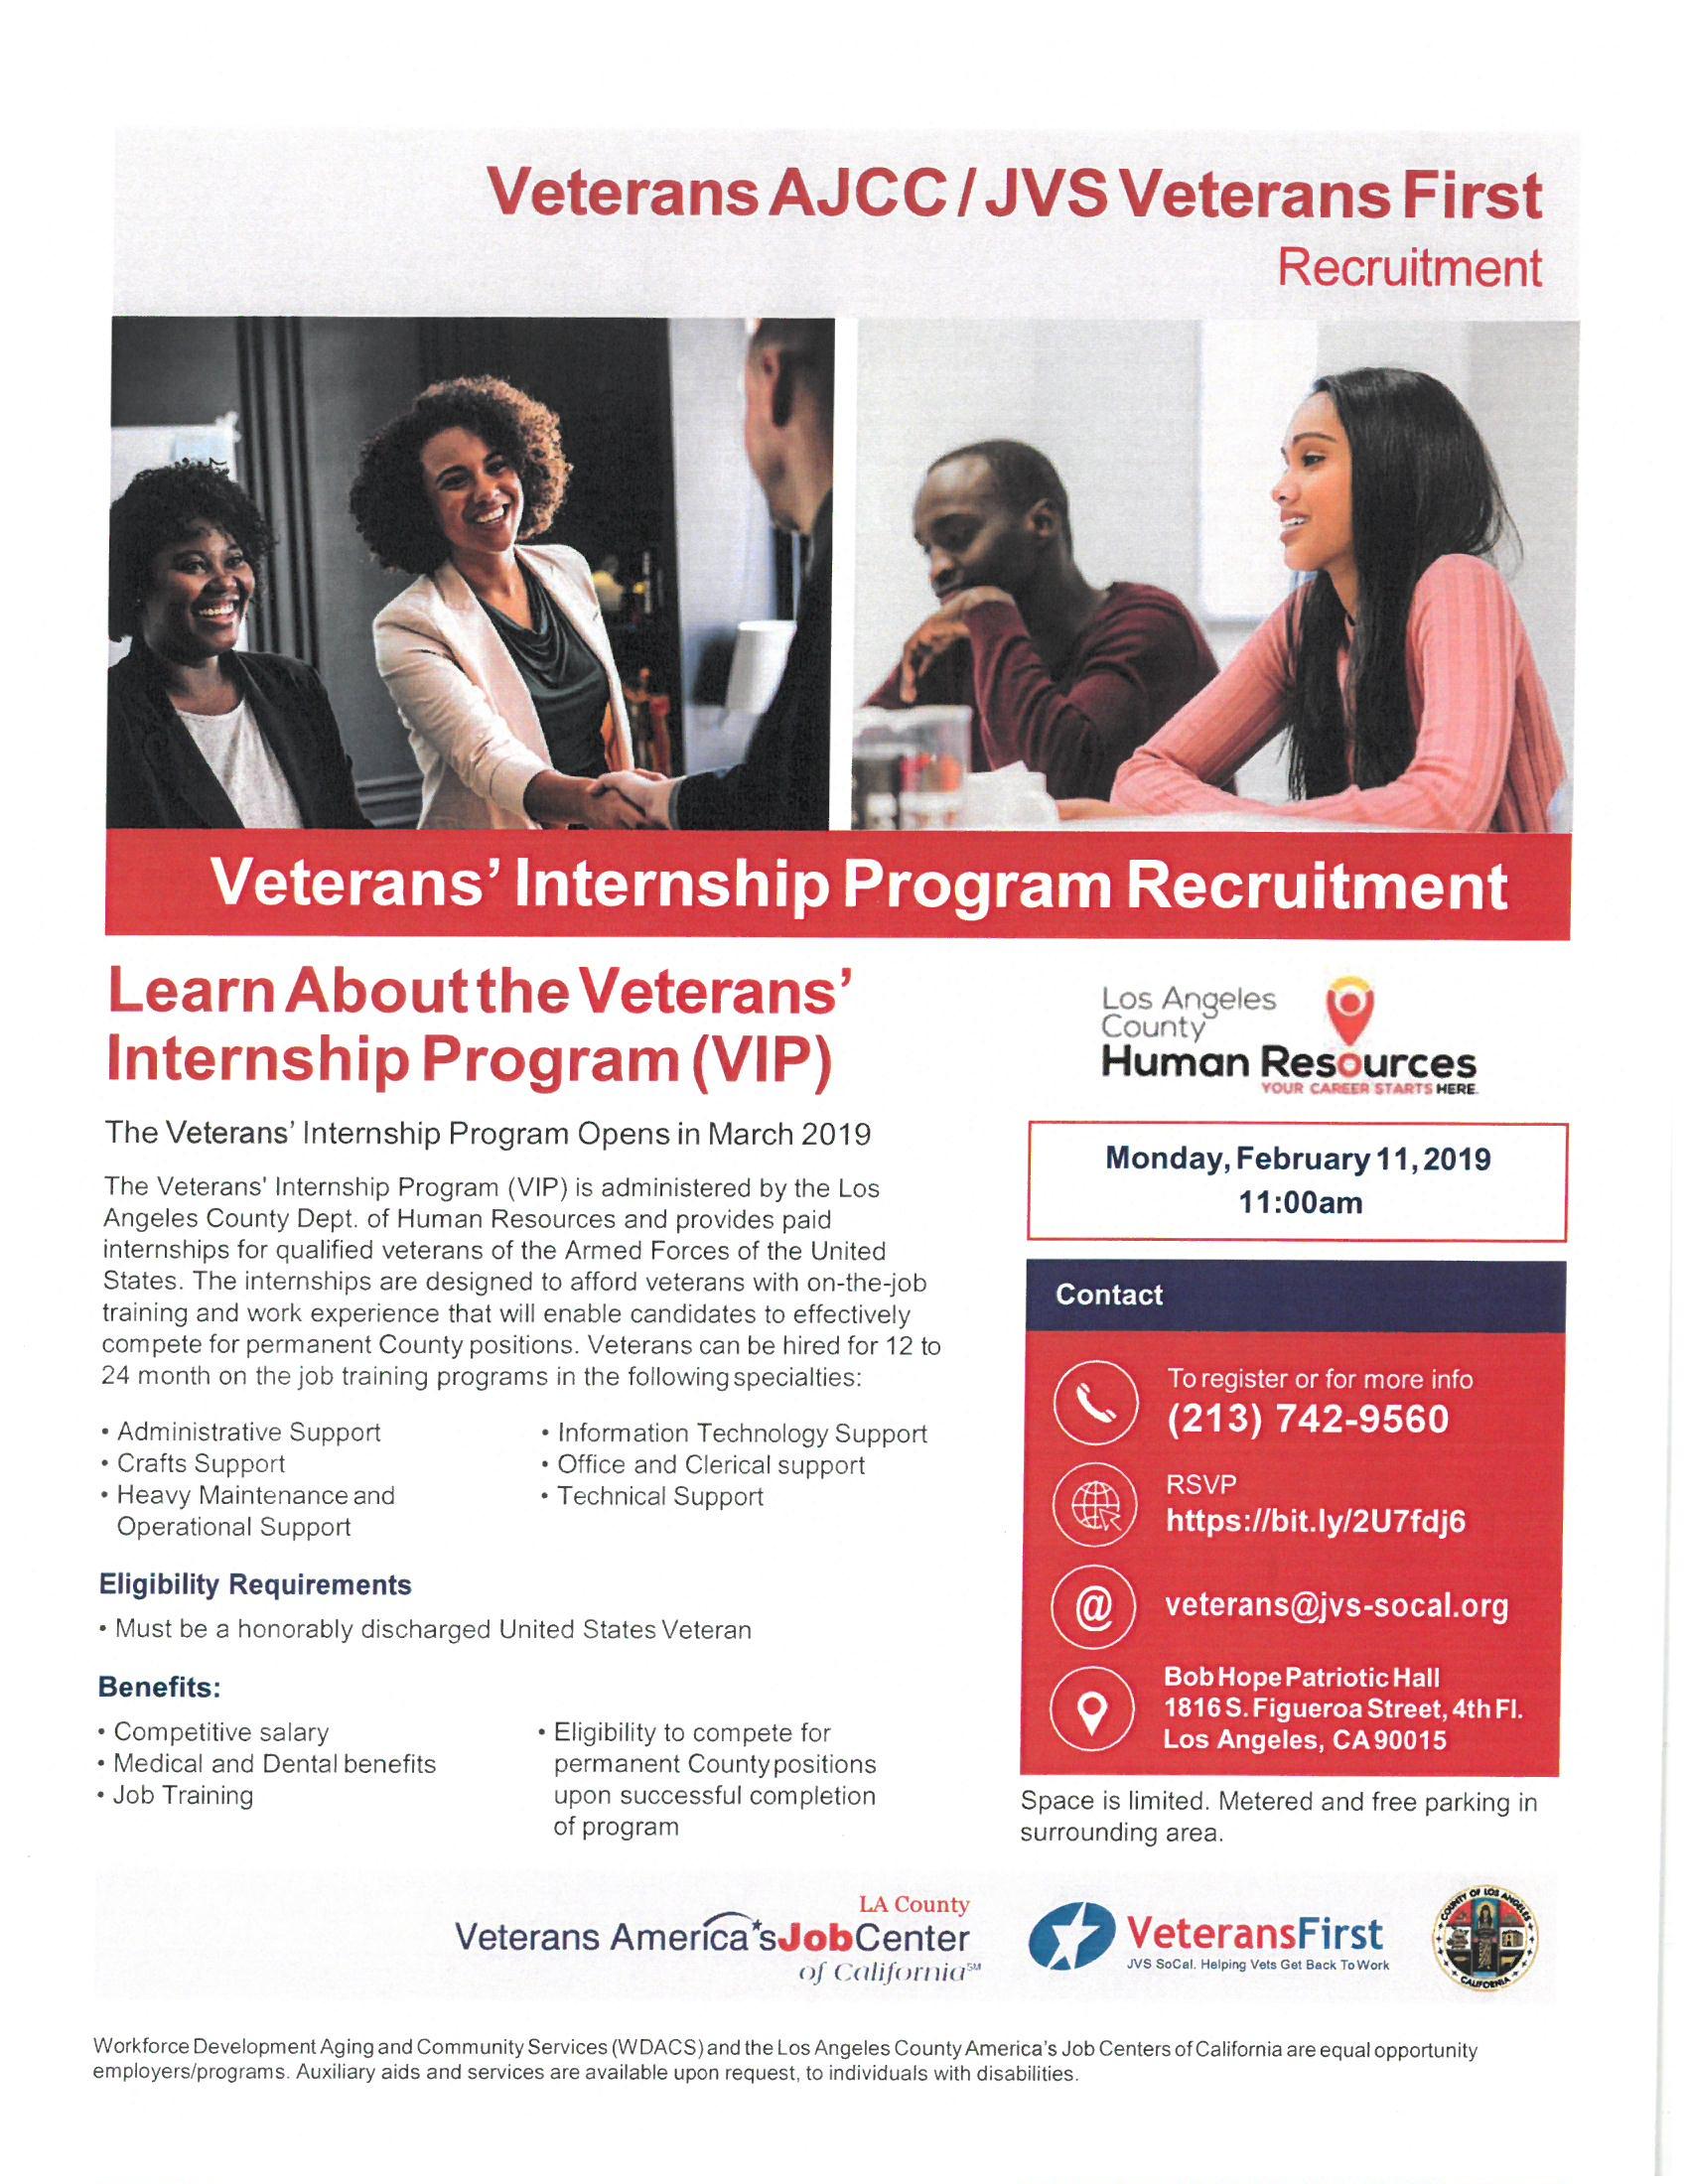 Veterans' Internship Program Recruitment – Supervisor Hilda